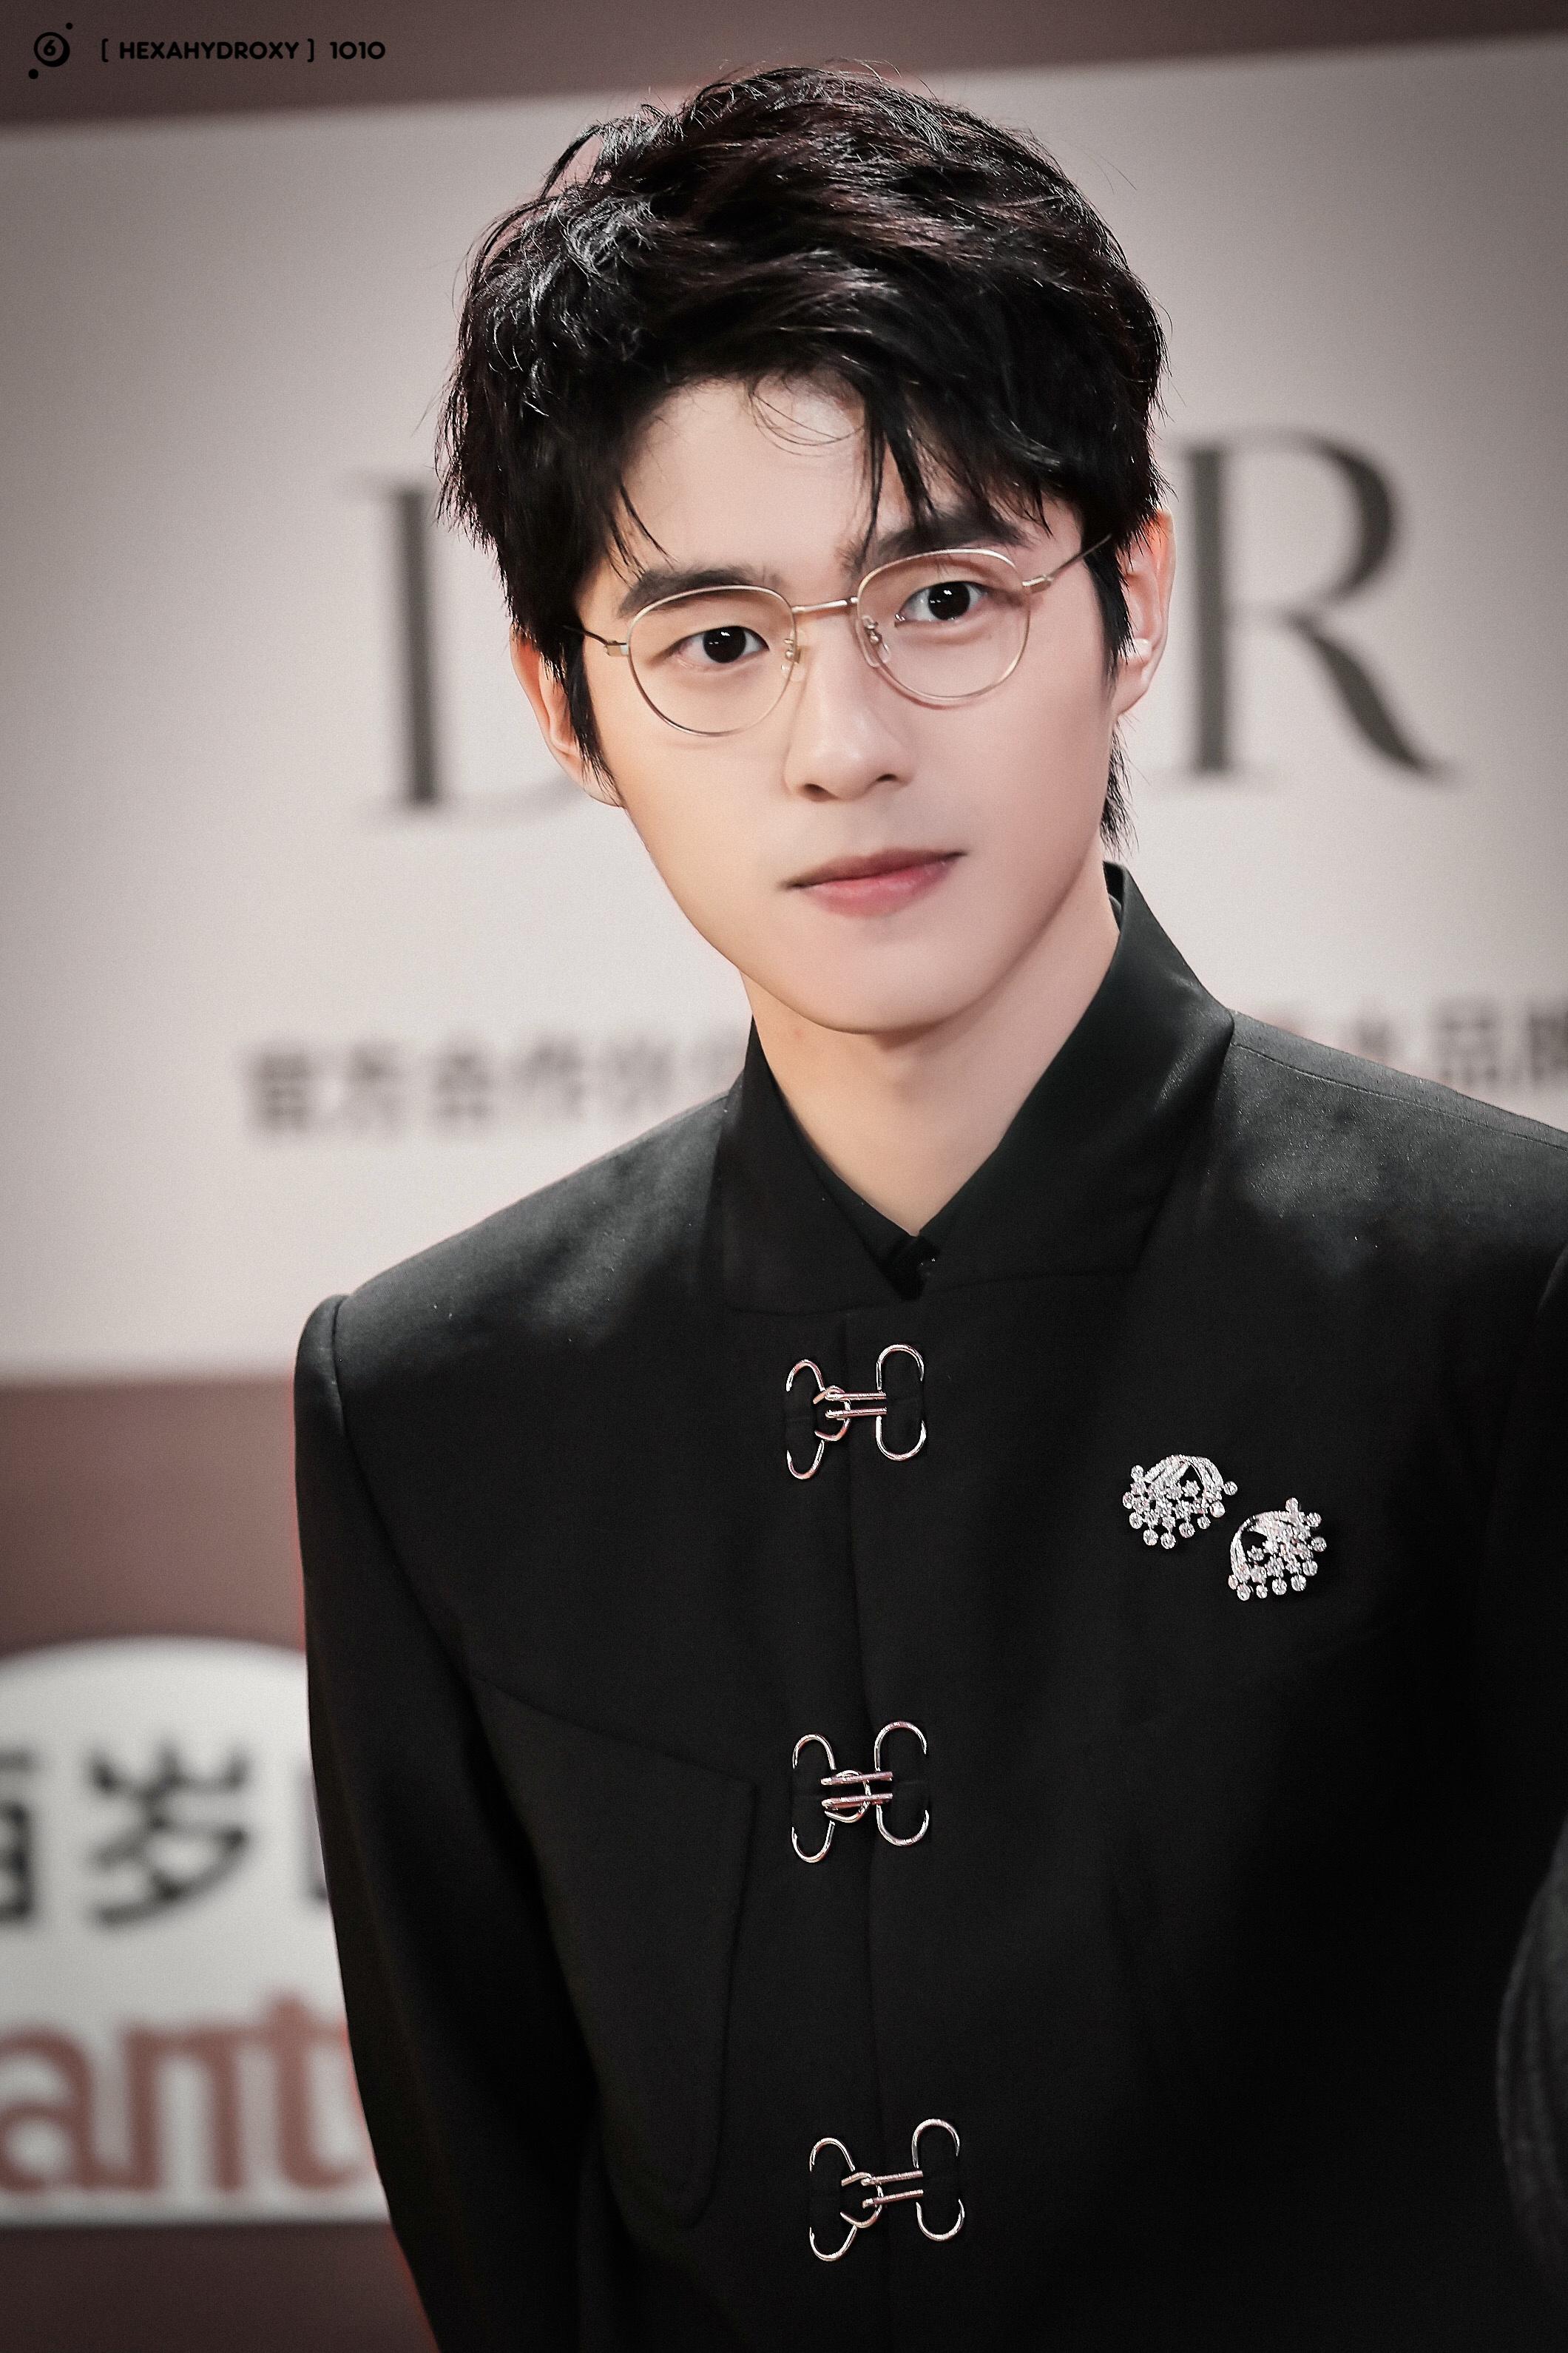 Lưu Hạo Nhiên lên hot search vì nét đẹp chuẩn mối tình đầu.